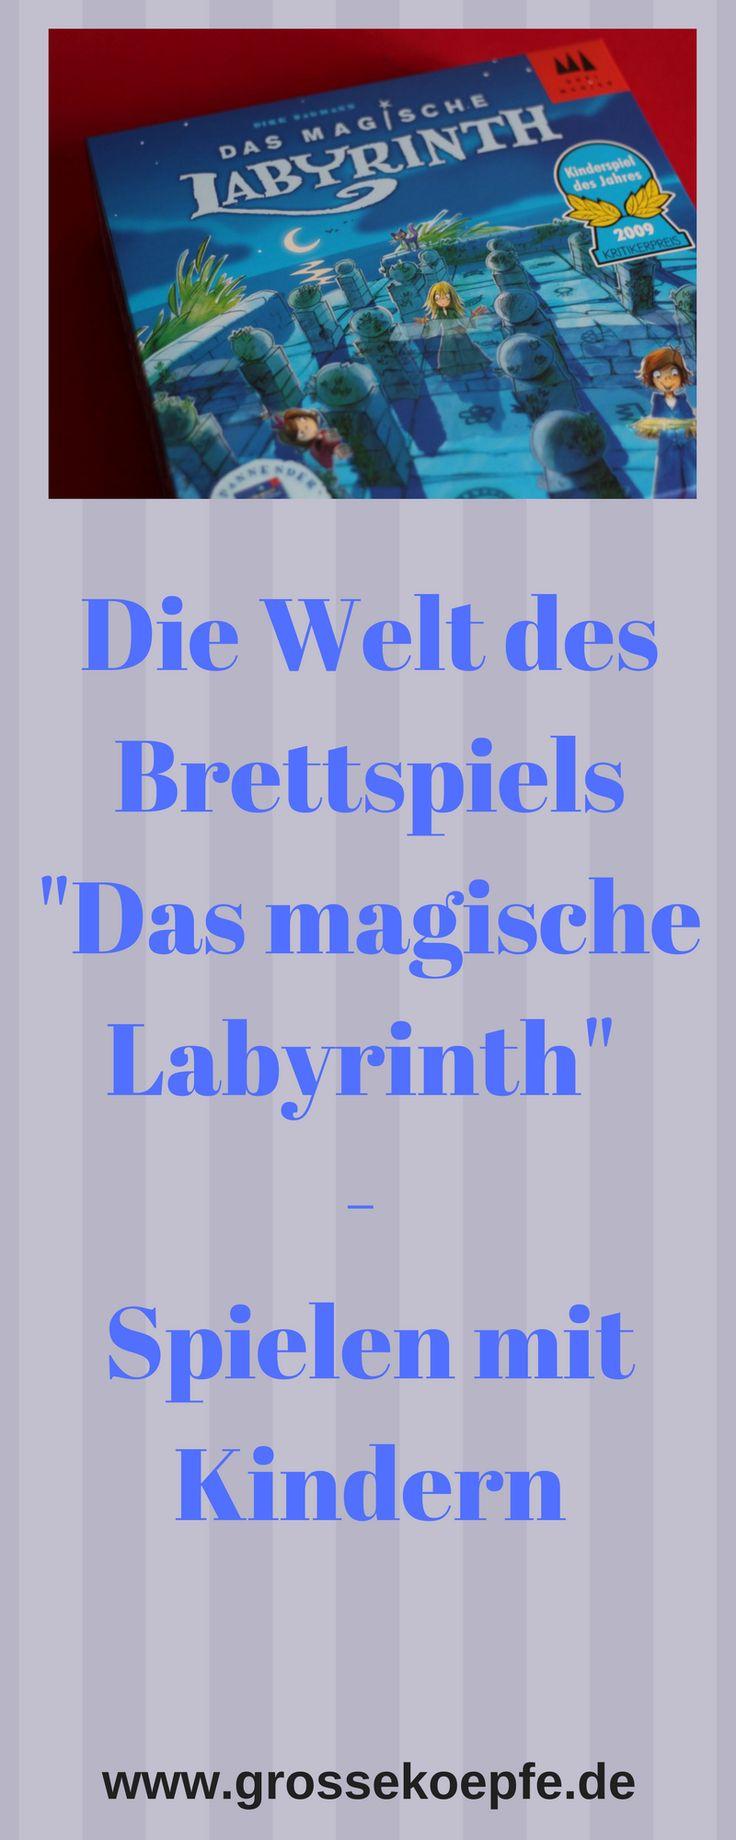 Das Brettspiel Das magische Labyrinth, Das Brettspiele das magische Labyrinth, Das Labyrinth, Die Welt des Brettspiels